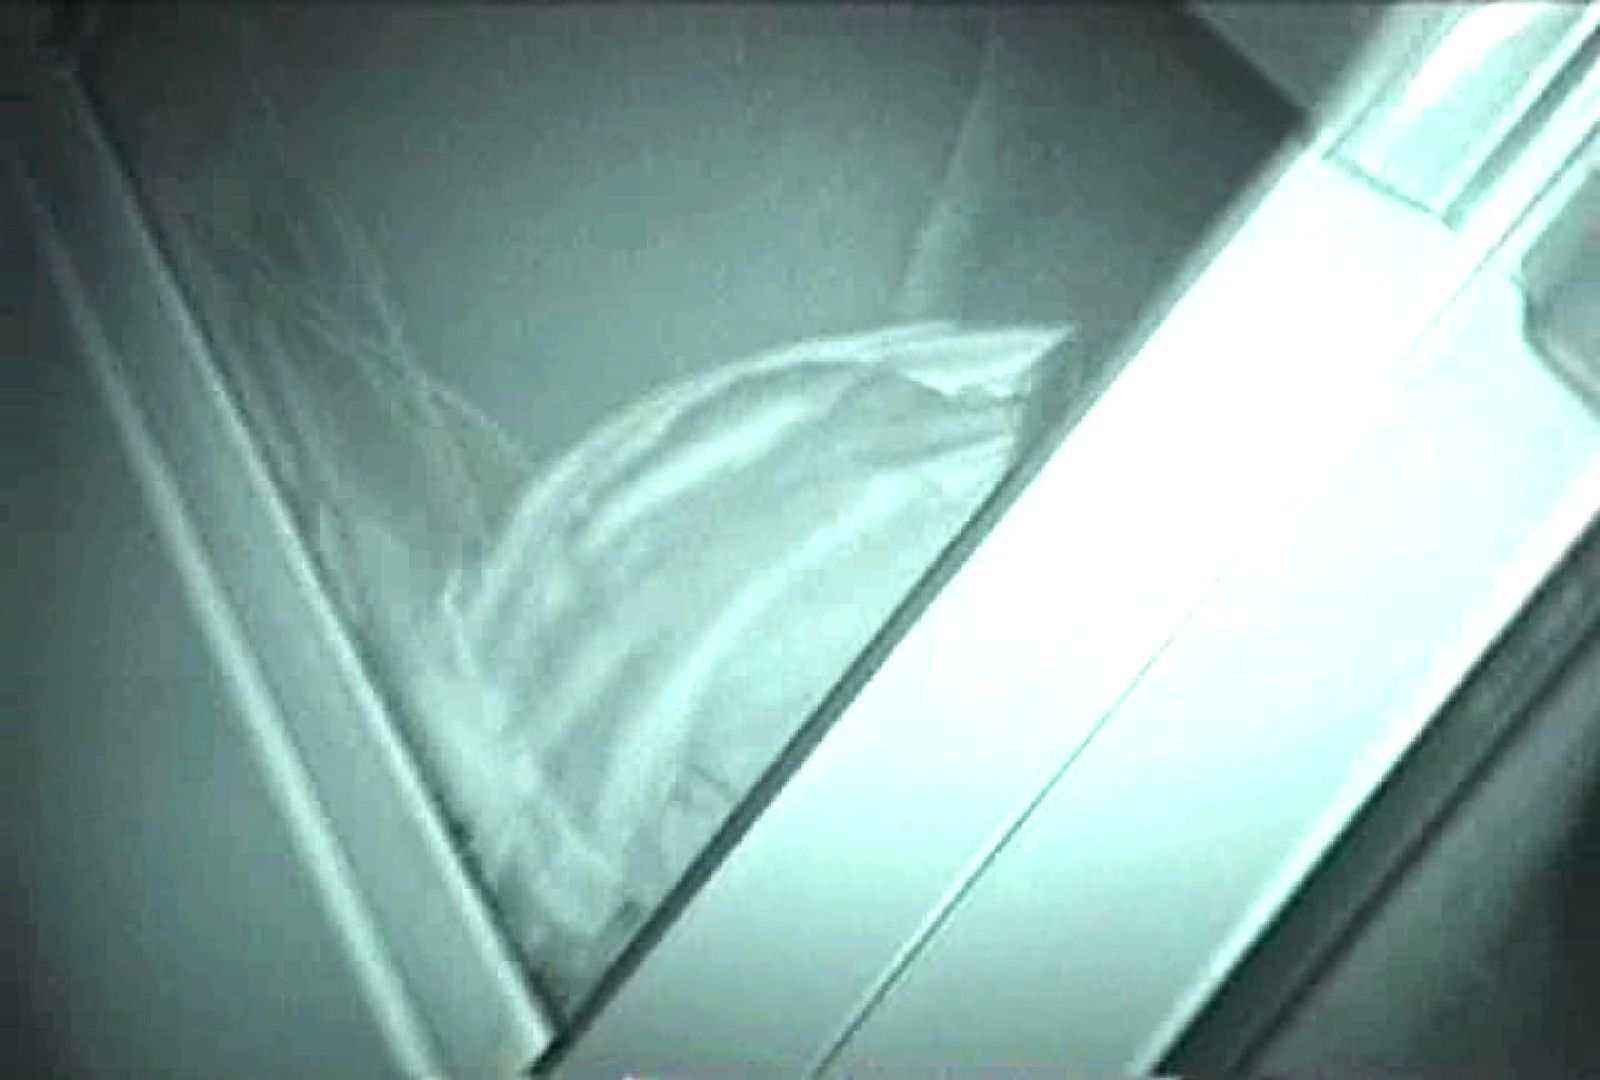 充血監督の深夜の運動会Vol.97 カップル盗撮 性交動画流出 104画像 91